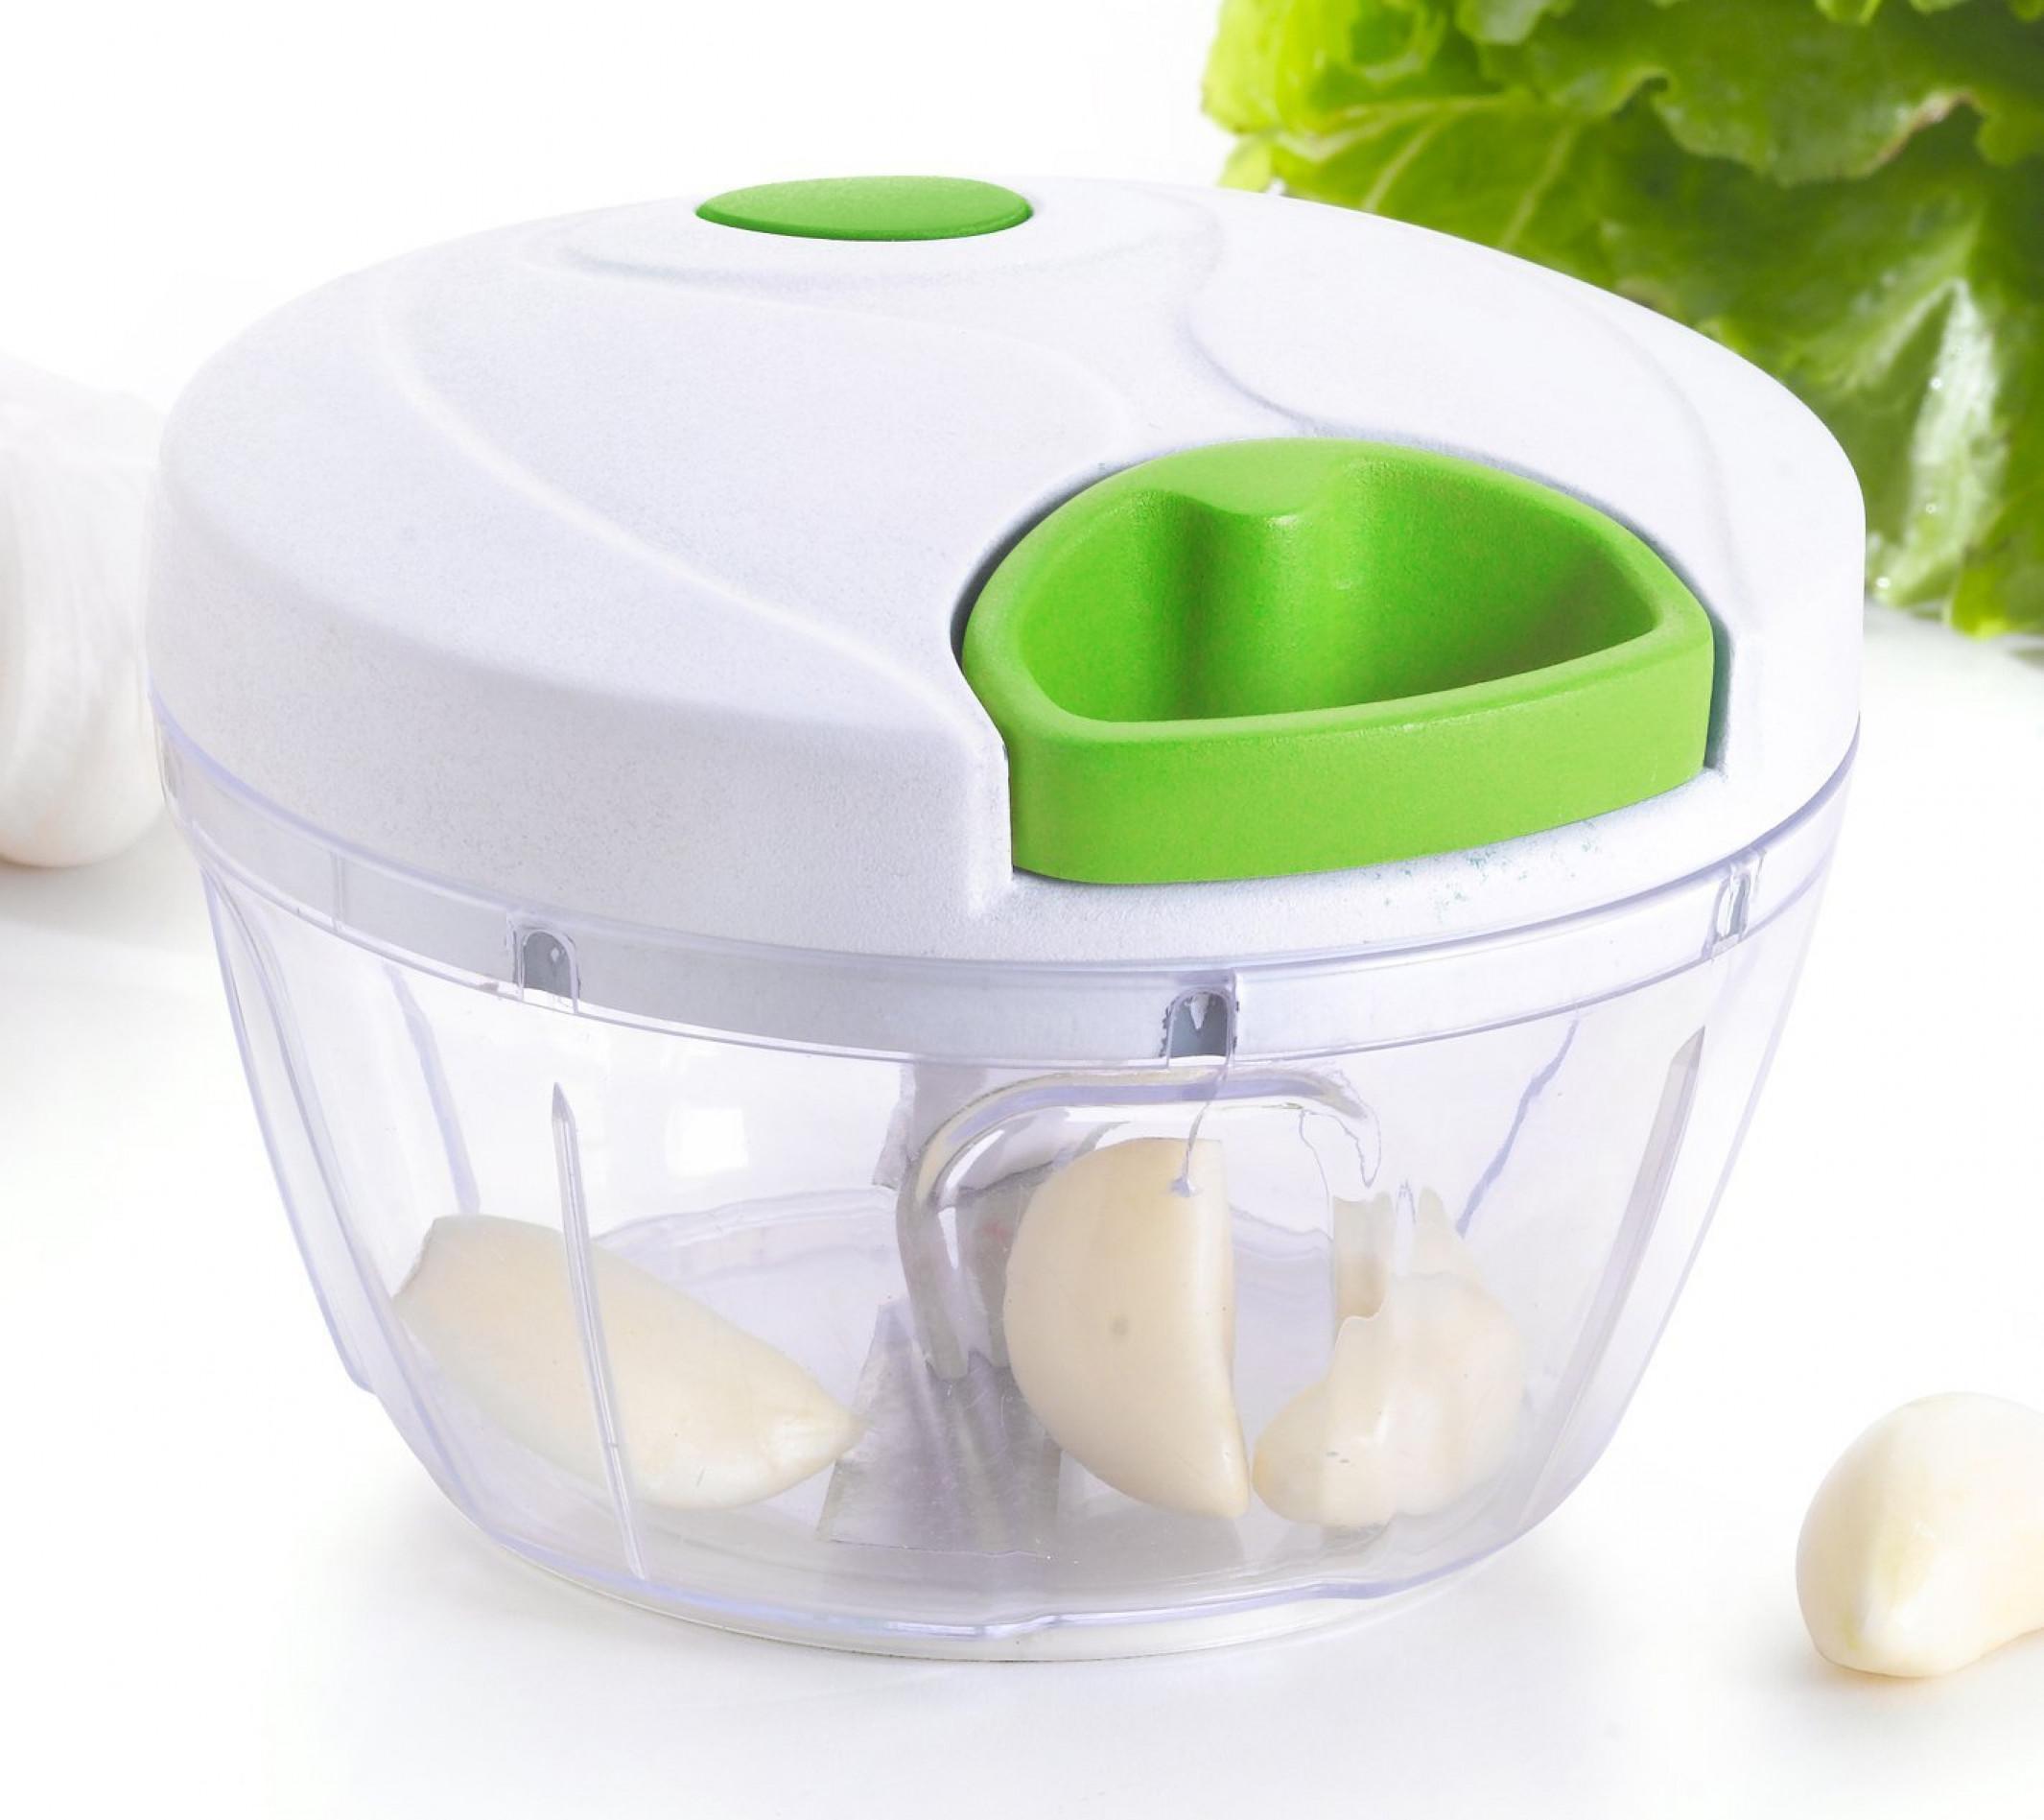 mini pull vegetable chopper food processor fruit garlic herb slicer blender ebay. Black Bedroom Furniture Sets. Home Design Ideas